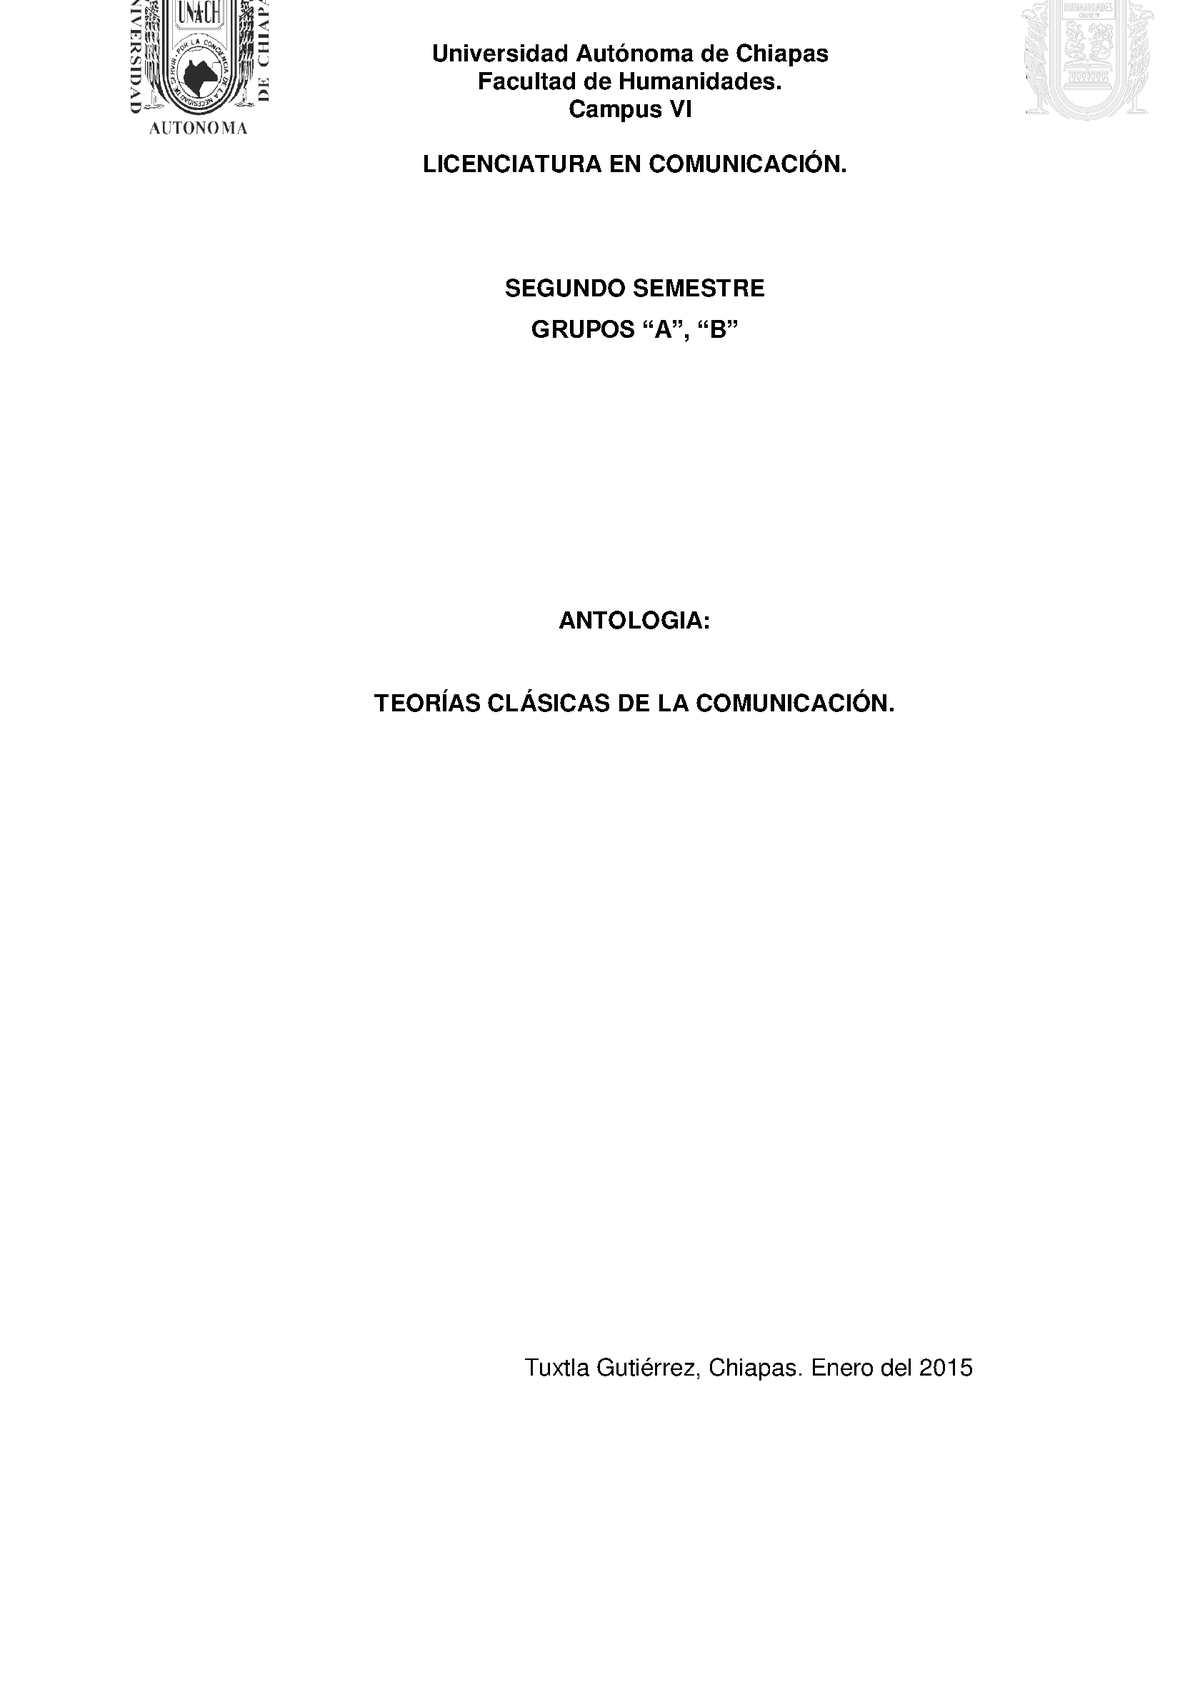 Calaméo - Teorías Clásicas Antología a9b7a714cb64